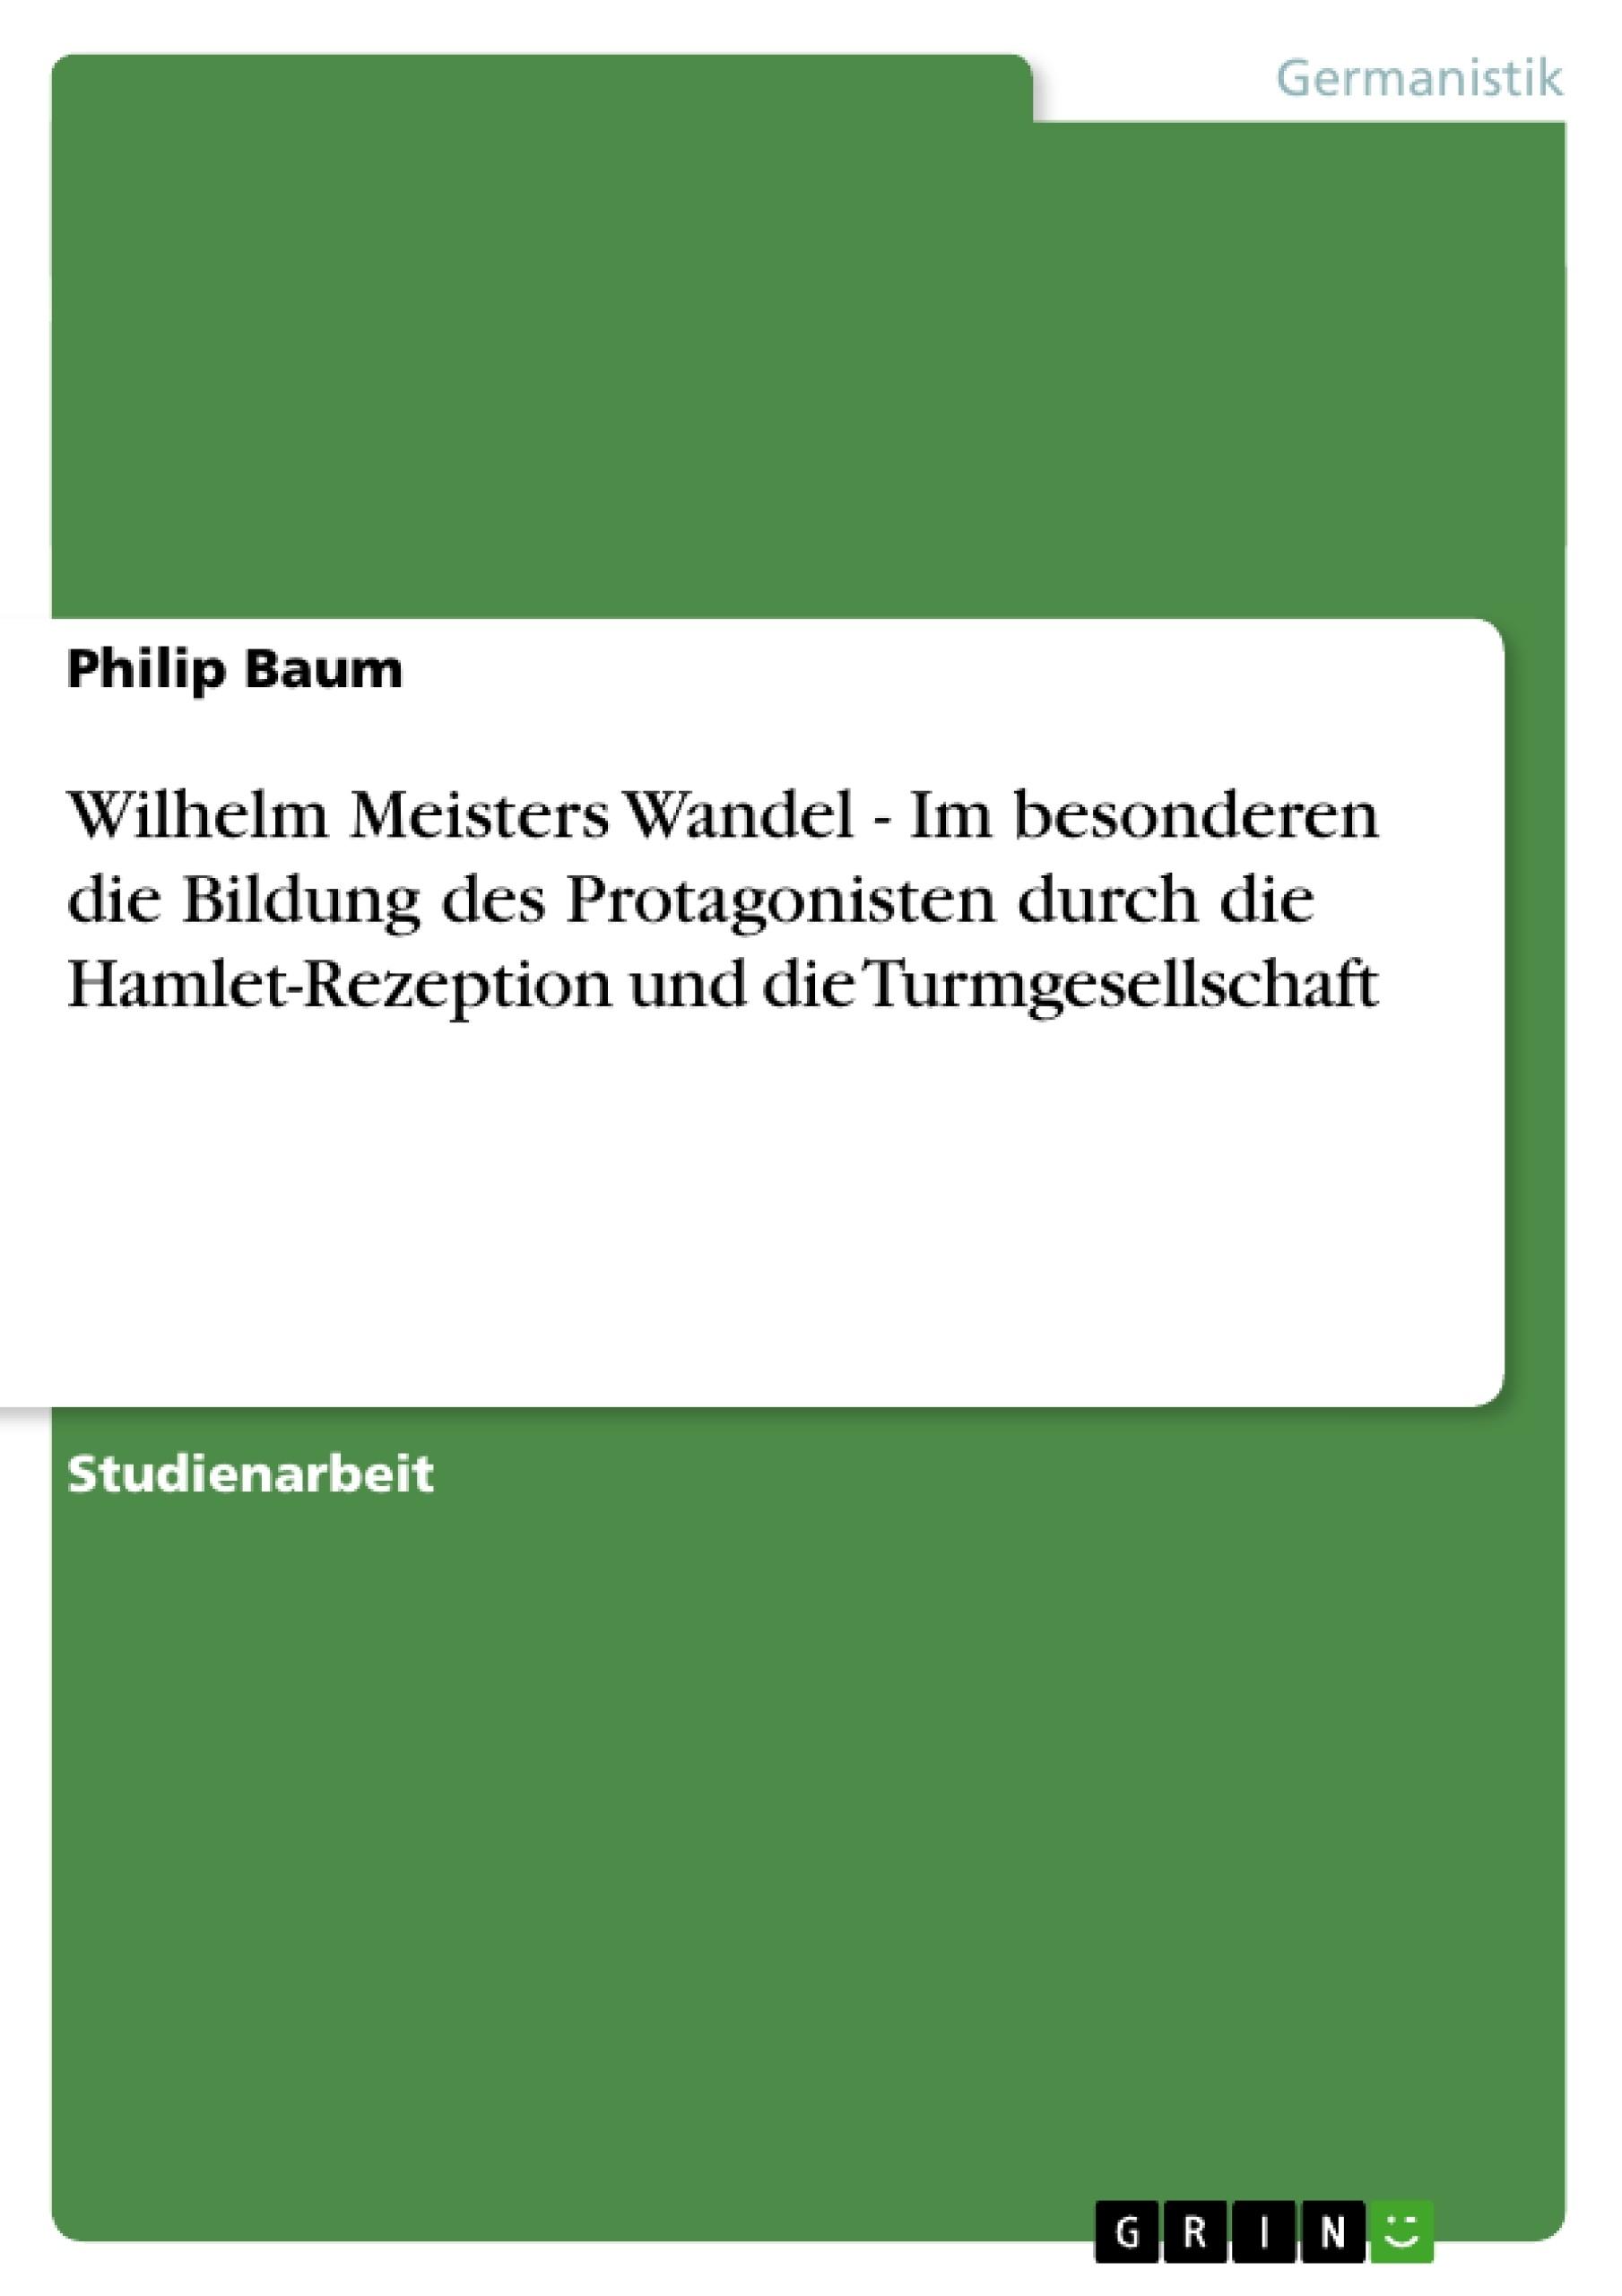 Titel: Wilhelm Meisters Wandel - Im besonderen die Bildung des Protagonisten durch die Hamlet-Rezeption und die Turmgesellschaft